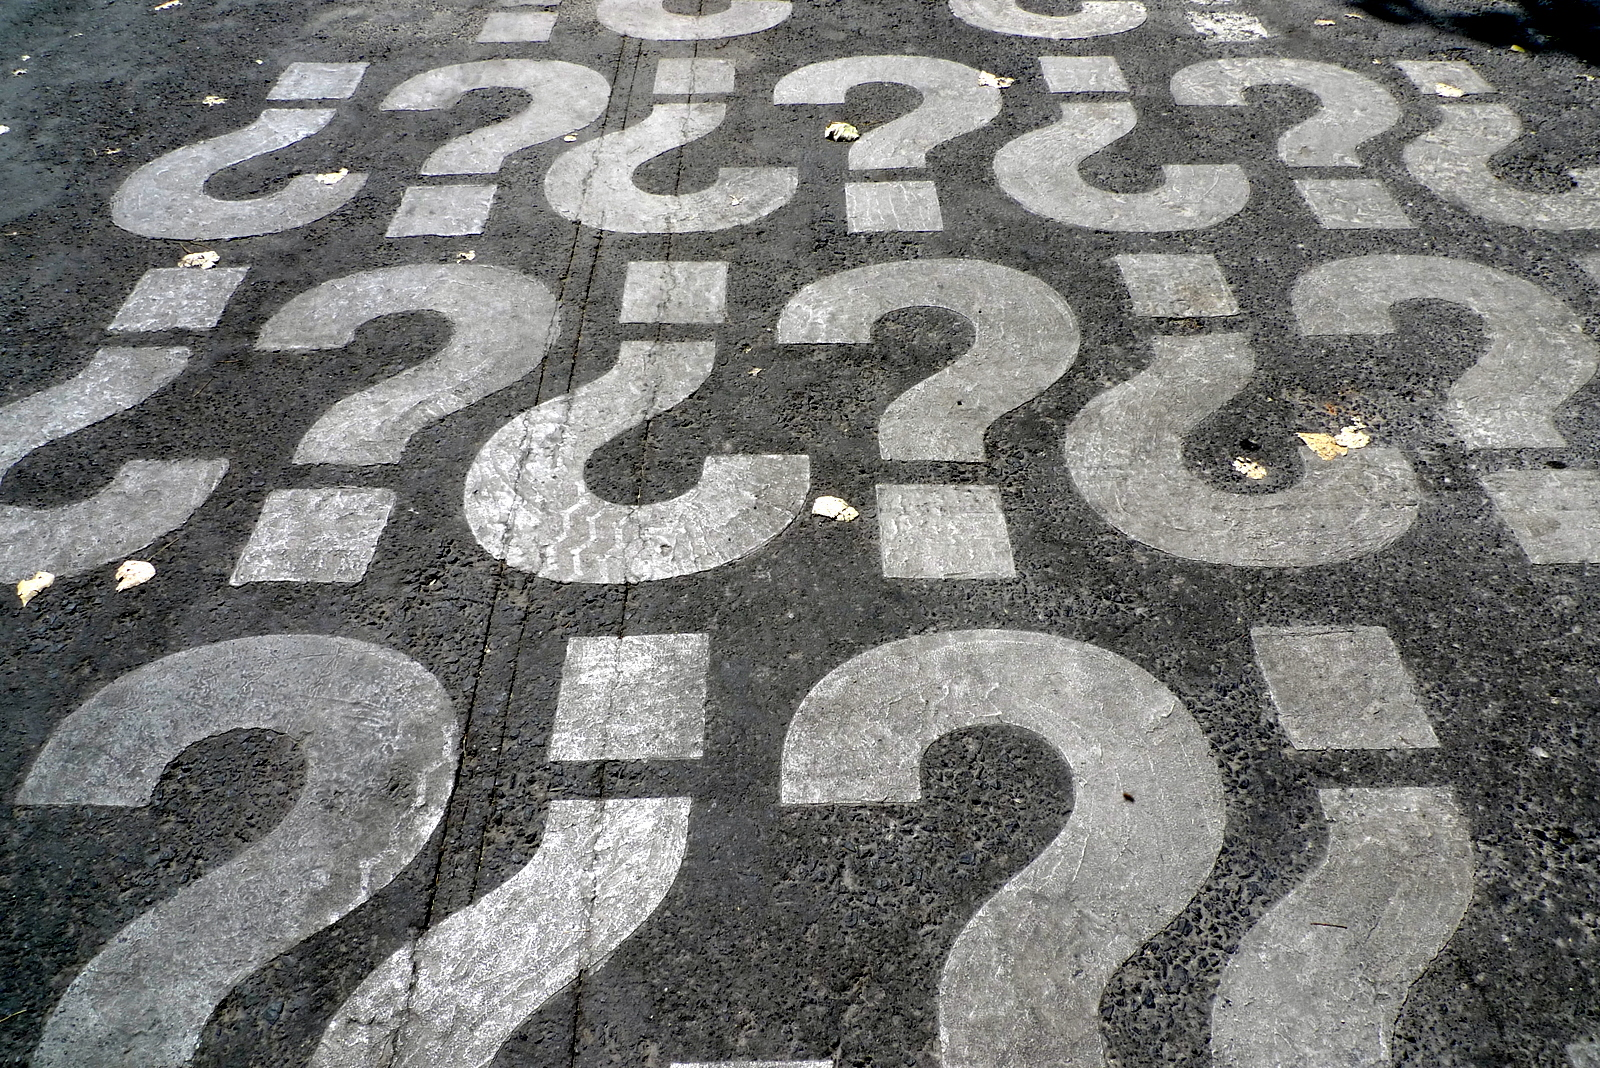 Tři časté otázky e4c3452e83